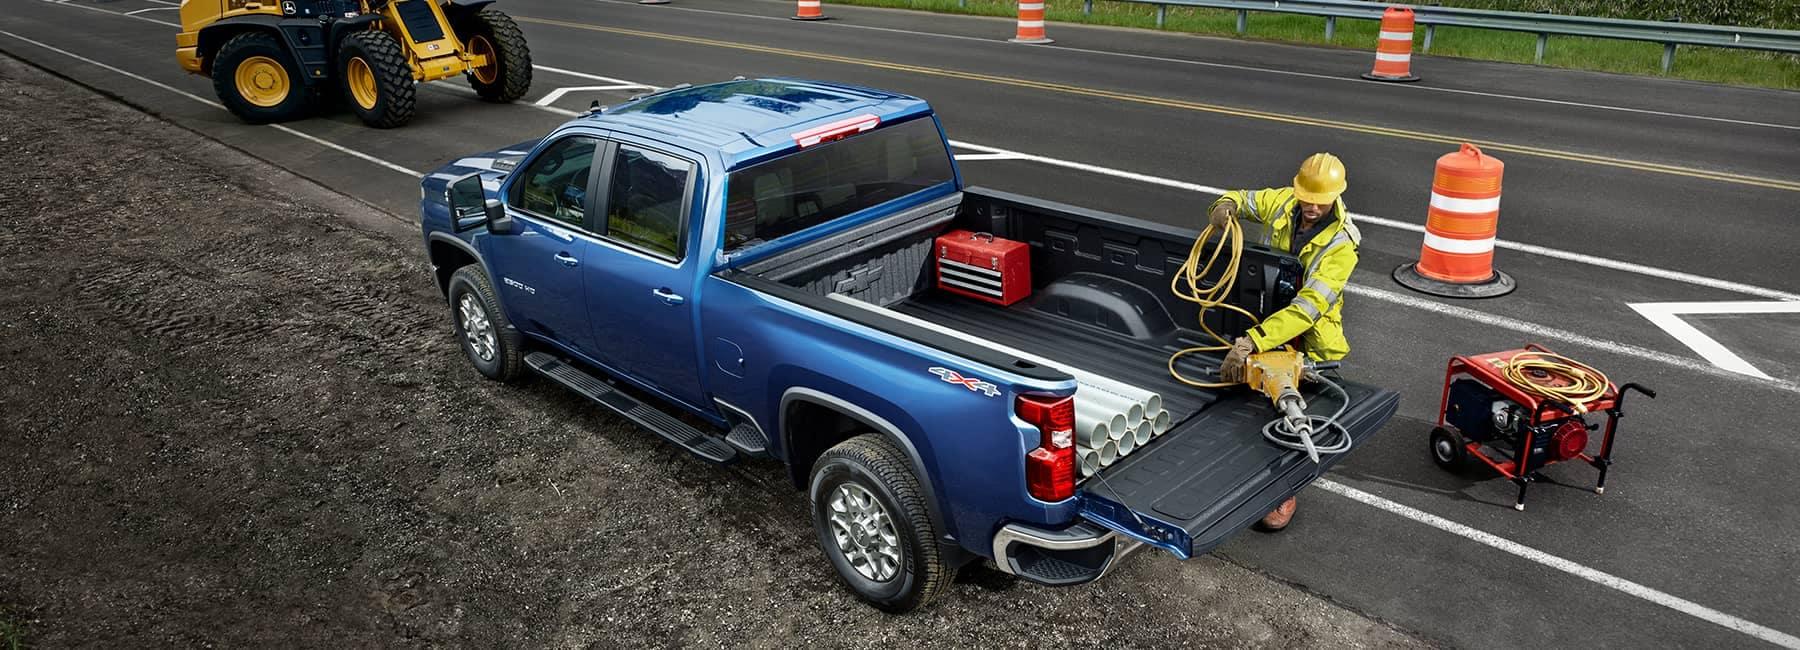 Blue 2021 Chevrolet Silverado 2500HD Crew Cab on a Roadside Work Site